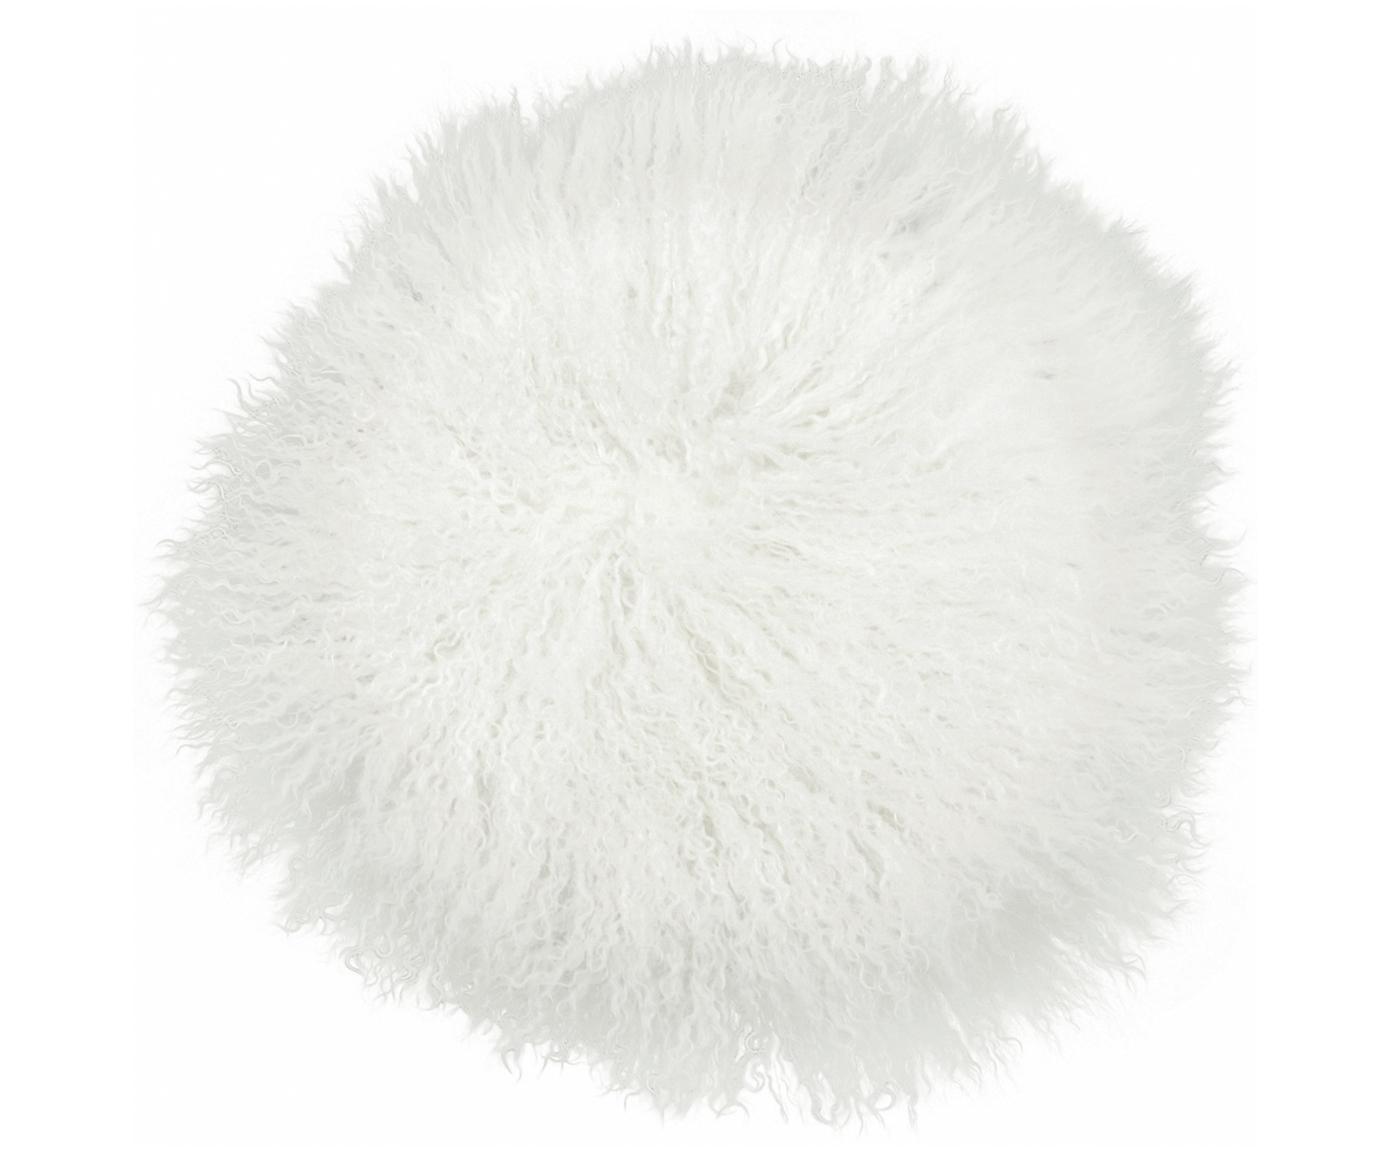 Runde Langhaar-Lammfell Sitzauflage Ella, gelockt, Vorderseite: 100% mongolisches Lammfel, Rückseite: 100% Polyester, Naturweiß, Ø 37 cm